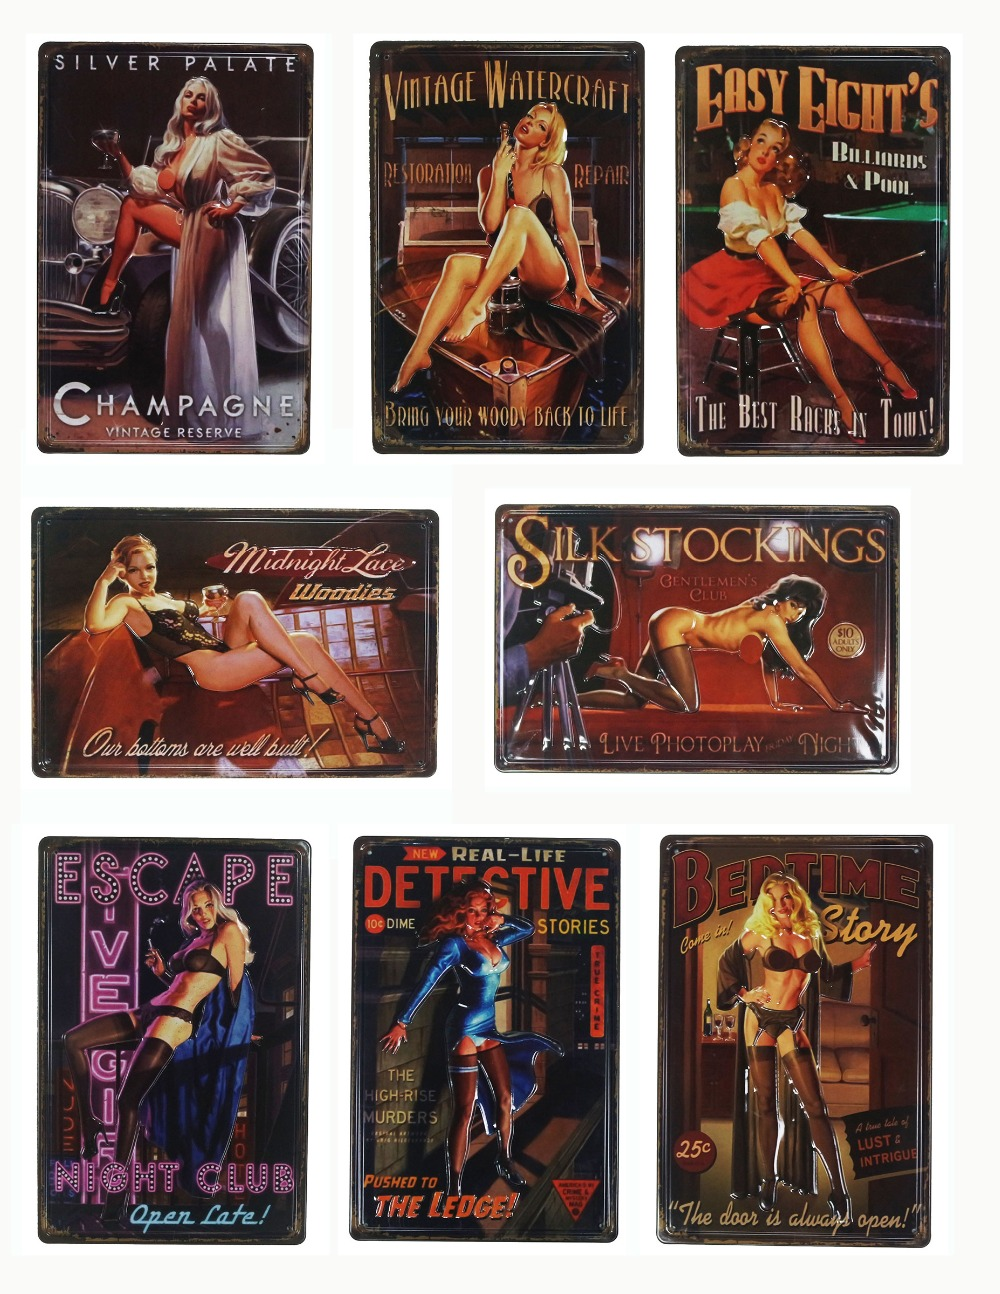 30 20 cm 3D sexo en relieve chica Vintage decoración del hogar Pub lata cartel de pared decoración Metal placa Retro placa